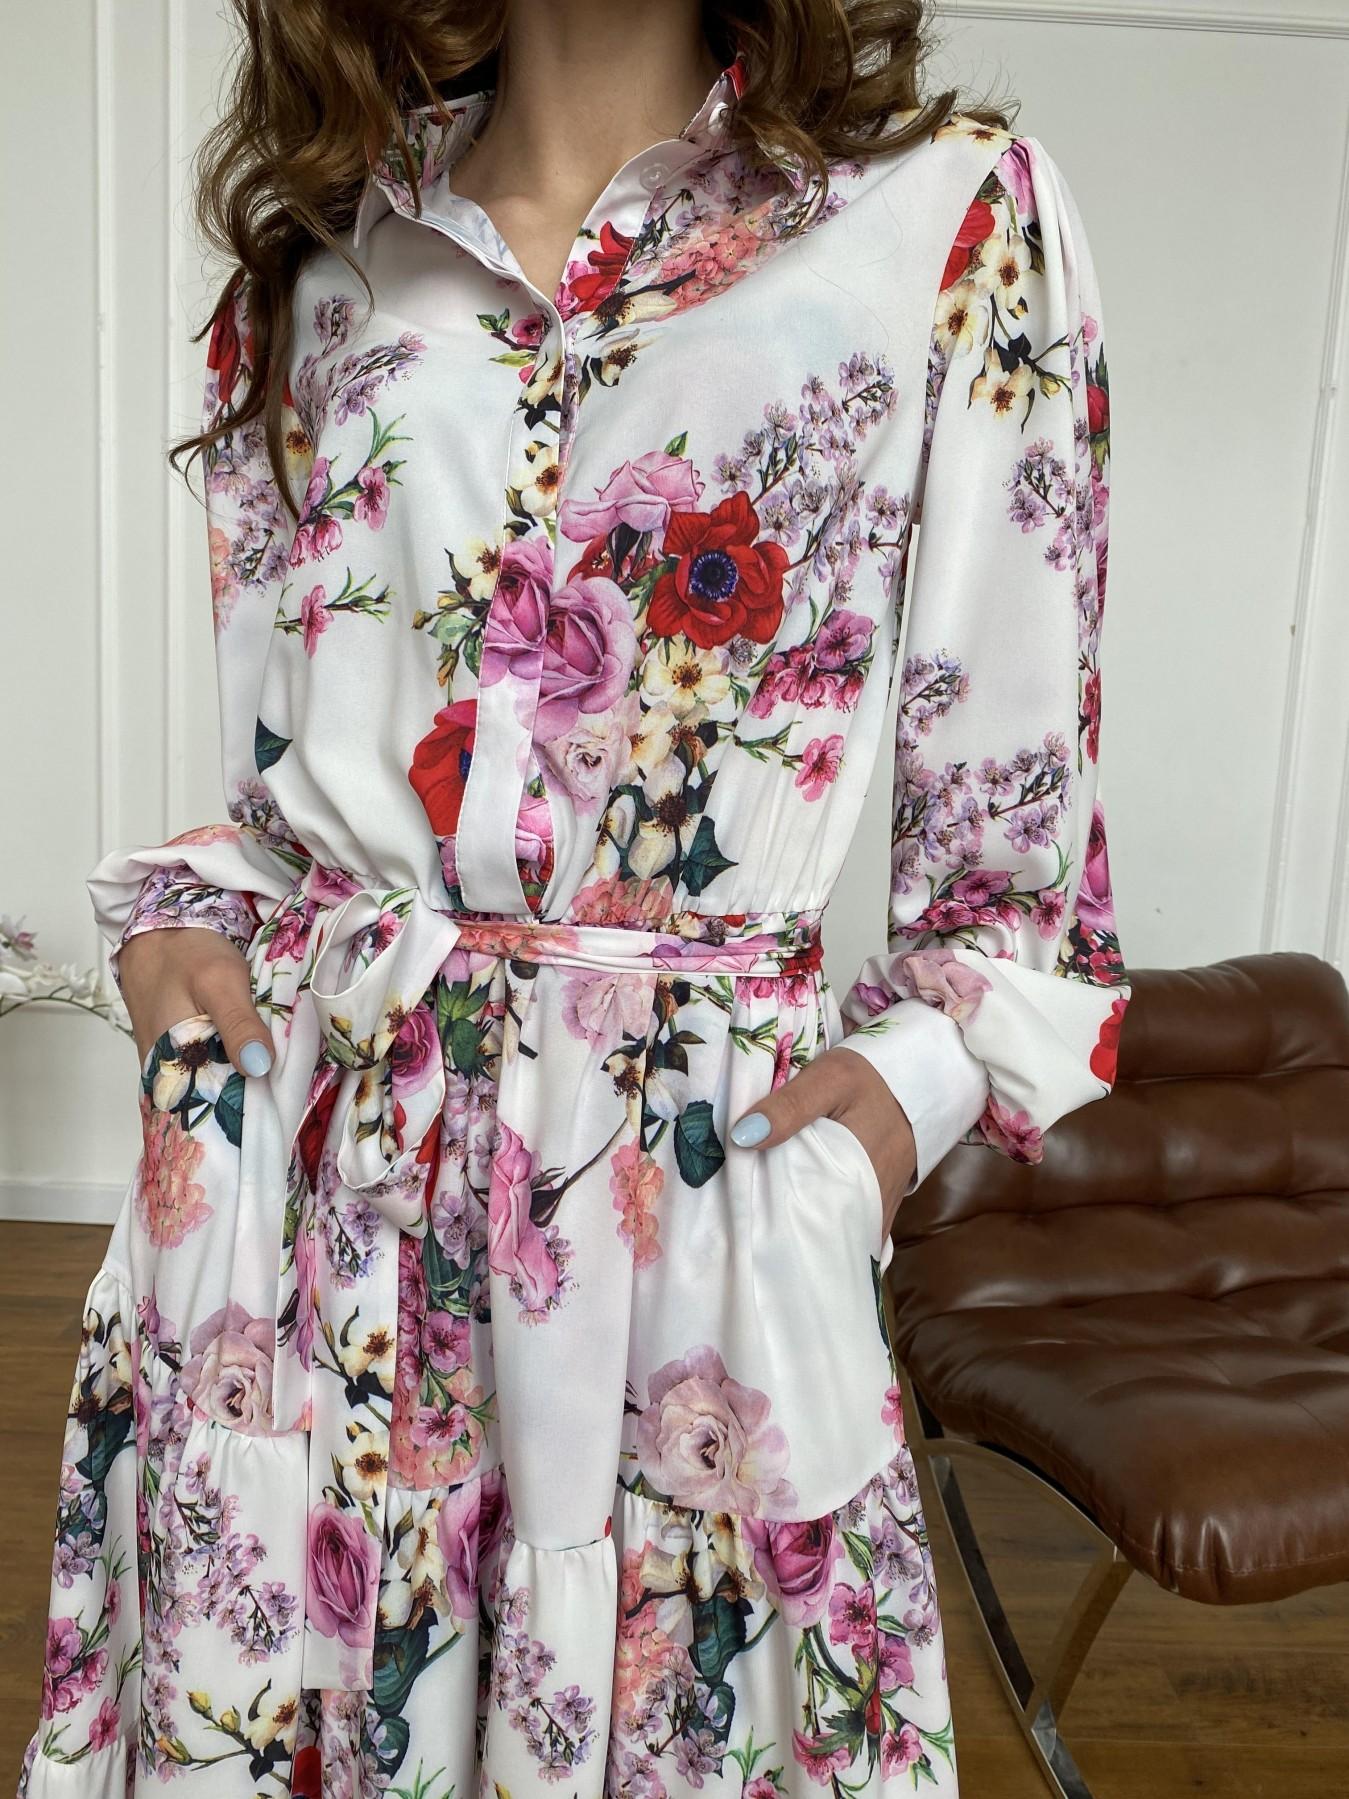 Лилия платье  софт принт бистрейч 11171 АРТ. 47709 Цвет: ВесенБукетМол/Роз/Крас - фото 10, интернет магазин tm-modus.ru